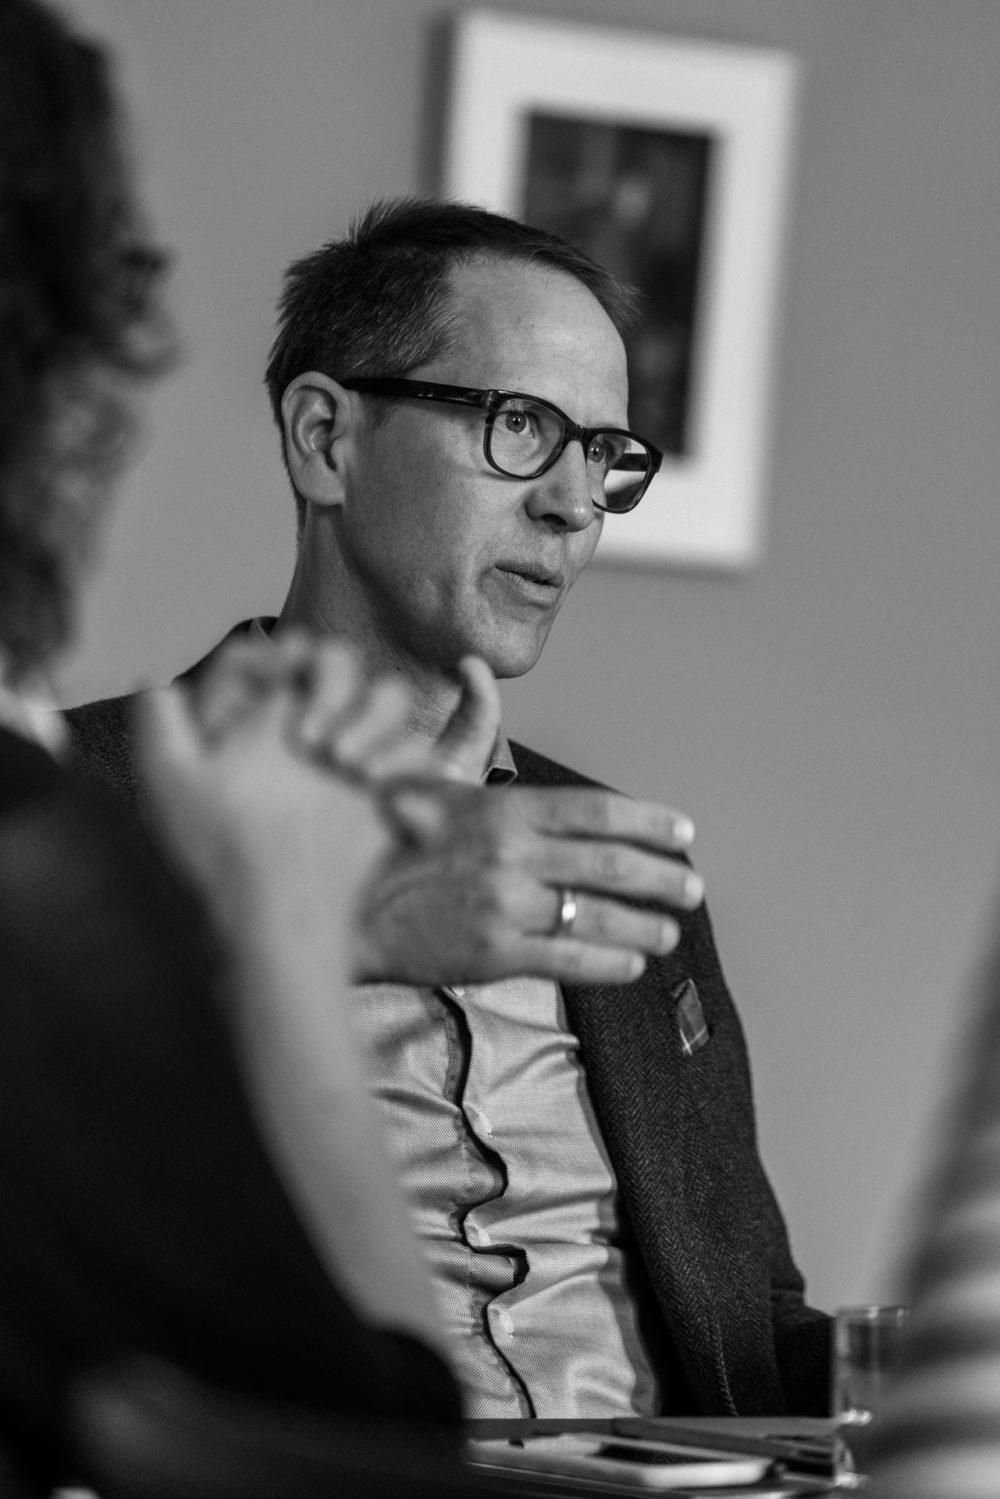 Hauke Hückstädt, Literaturhaus Frankfurt: Gute Veranstaltungen lösen Gestaltungswillen aus